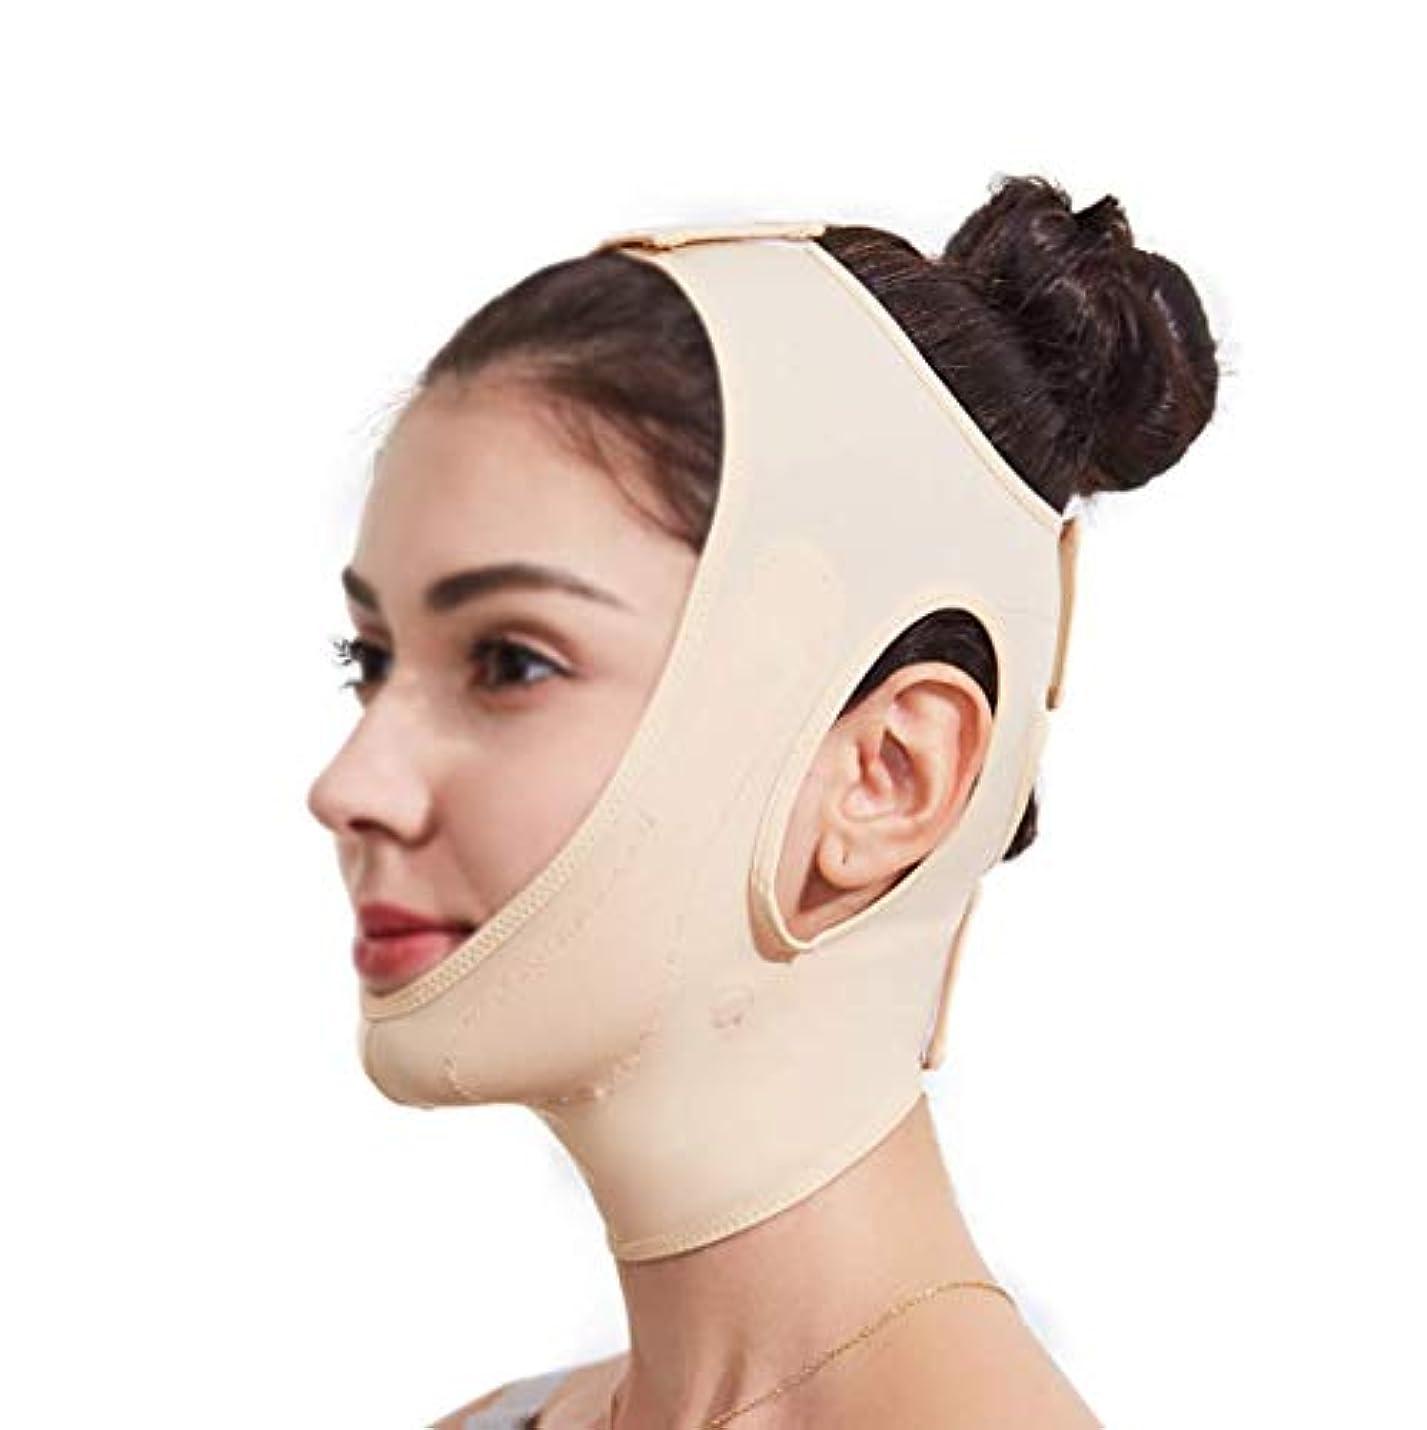 貯水池電報変化するフェイスリフティングマスク、360°オールラウンドリフティングフェイシャルコンター、あごを閉じて肌を引き締め、快適でフェイスライトをサポートし、通気性を保ちます(サイズ:ブラック),肌の色